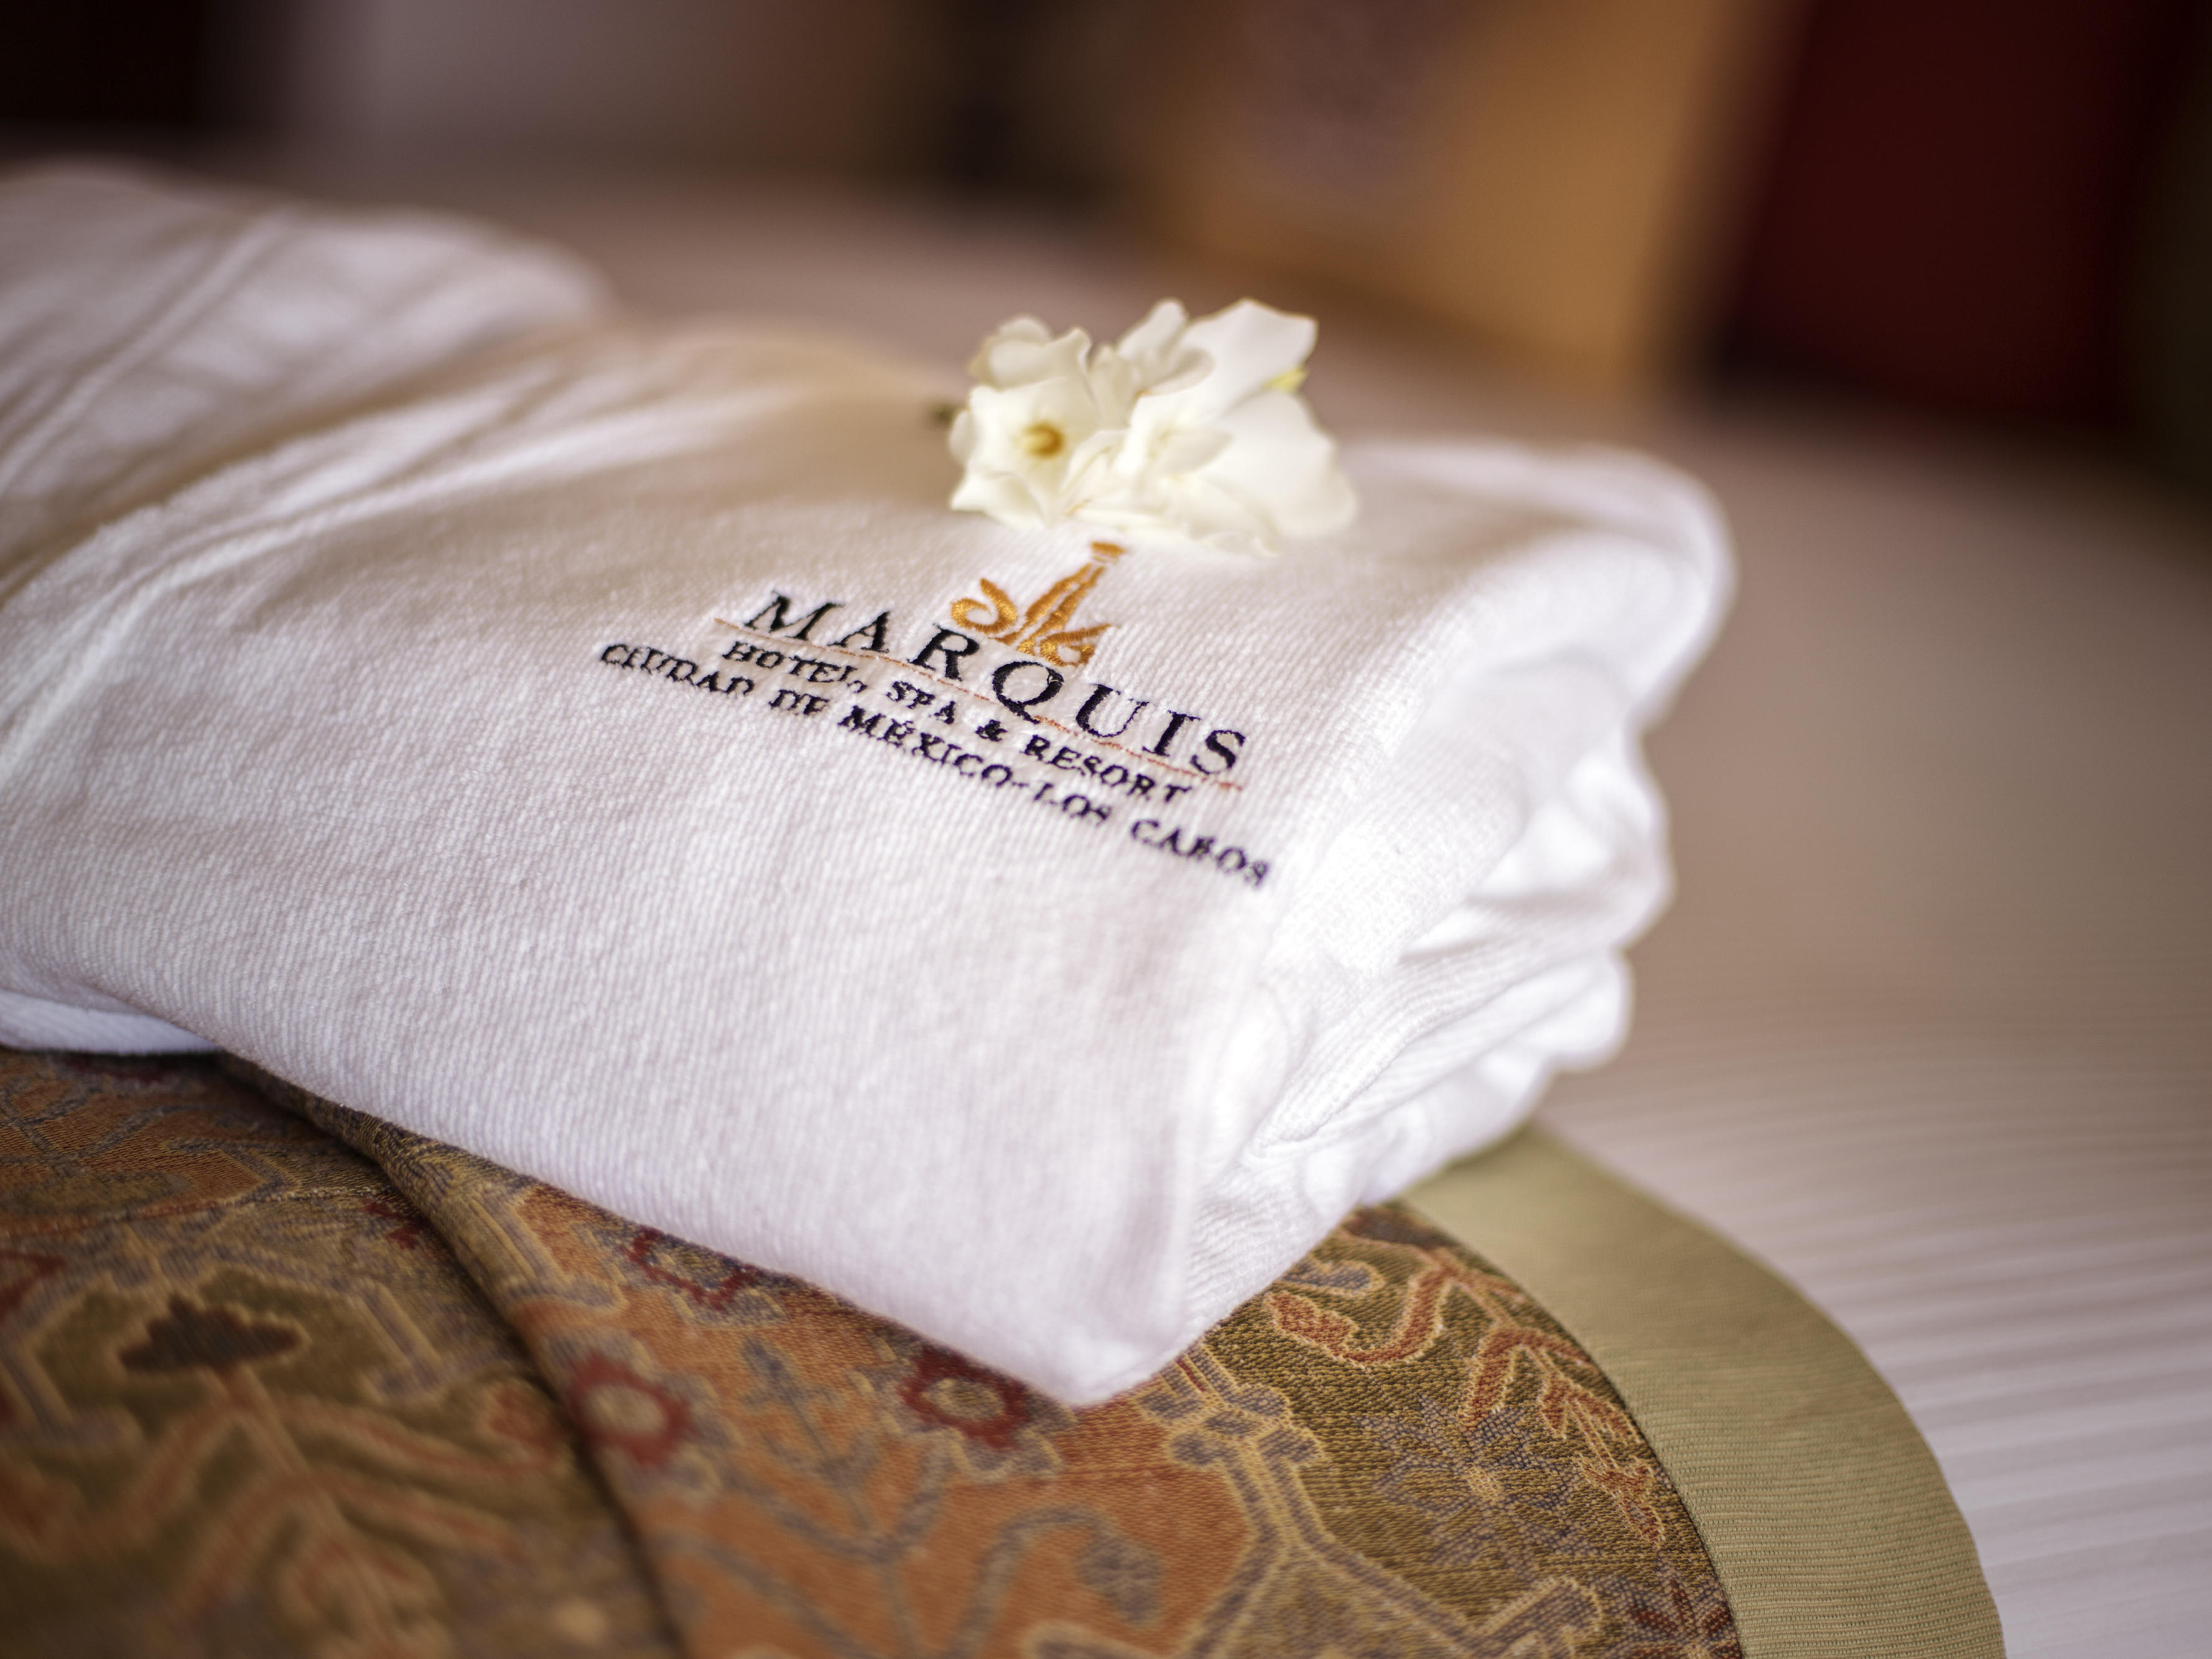 a bath robe on a hotel bed